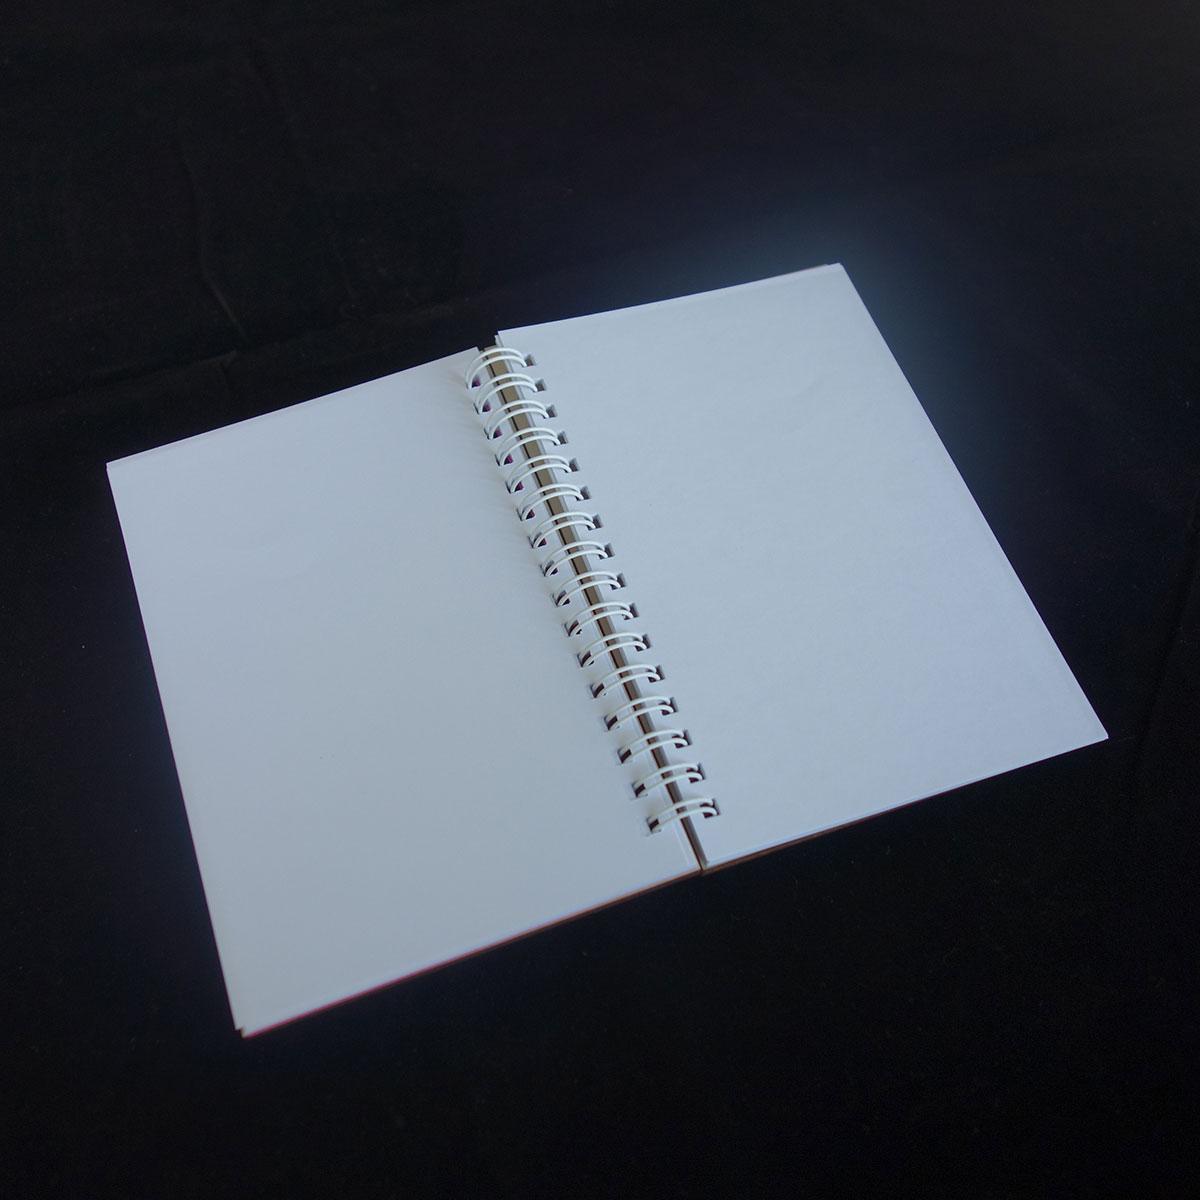 Μπλοκ σημειώσεων με ξύλινο εξώφυλλο